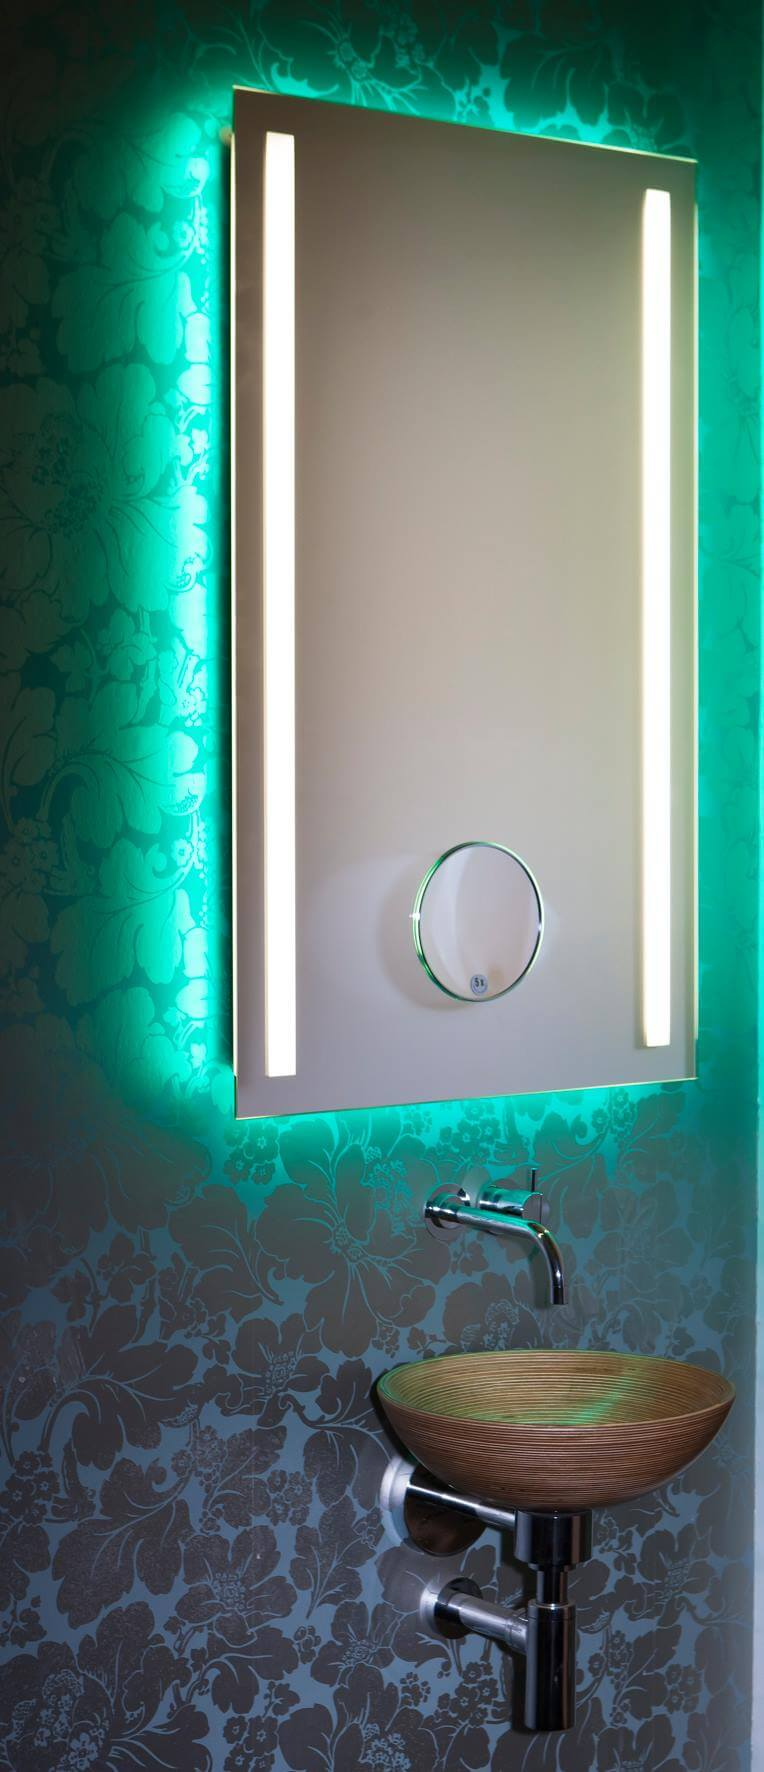 Inmitten der innovativen Einrichtungskonzepte für die gehobene Innenarchitektur sind Lichtspiegel mit farblichem Wechsel das revolutionäre Highlight. In einer einzigartigen Kombination aus technischem Raffinesse, Funktionalität und anspruchsvollem Design definiert Torsten Müller das Thema Lichtdesign-Spiegel neu. Der Schöner Wohnen Profi weiß, Licht und Farbe tragen wesentlich dazu bei, das Raumgefühl angenehm zu beeinflussen. In formaler Reduziertheit fokussiert der farbliche Lichtspiegel den Blick auf sich. Auffällig ist das intelligente indirekte Beleuchtungskonzept, das stets für die individuelle Lebensfreude justierbar und bedienbar ist. Hochwertig und äußerst funktional ist auch die geeignete Bedienbarkeit für jede Generation von IPhone- und IPad-Geräten per IPhone App und durch die Einbindung in die Smart Home Technik somit auch der fortschreitenden Digitalisierung im Badezimmer angepasst. Individualität pur in unterschiedlichen Spiegel-Formaten, Beleuchtungsarten oder mit integriertem Kosmetikspiegel (mit 5- facher Vergrößerung ein perfekter Assistent bei der Rasur oder beim Schminken) sind realisierbar inkl. optimaler Gesichtsausleuchtung. Die LED-Lichtkomposition ist langlebig, der Stromverbrauch minimal. Der Lichtfarbenspiegel by Torsten Müller ist erhältlich in den vielfältigsten Größen und somit passend im Bad, Spa und Raumdesign und natürlich auch im Gäste WC einzusetzen.